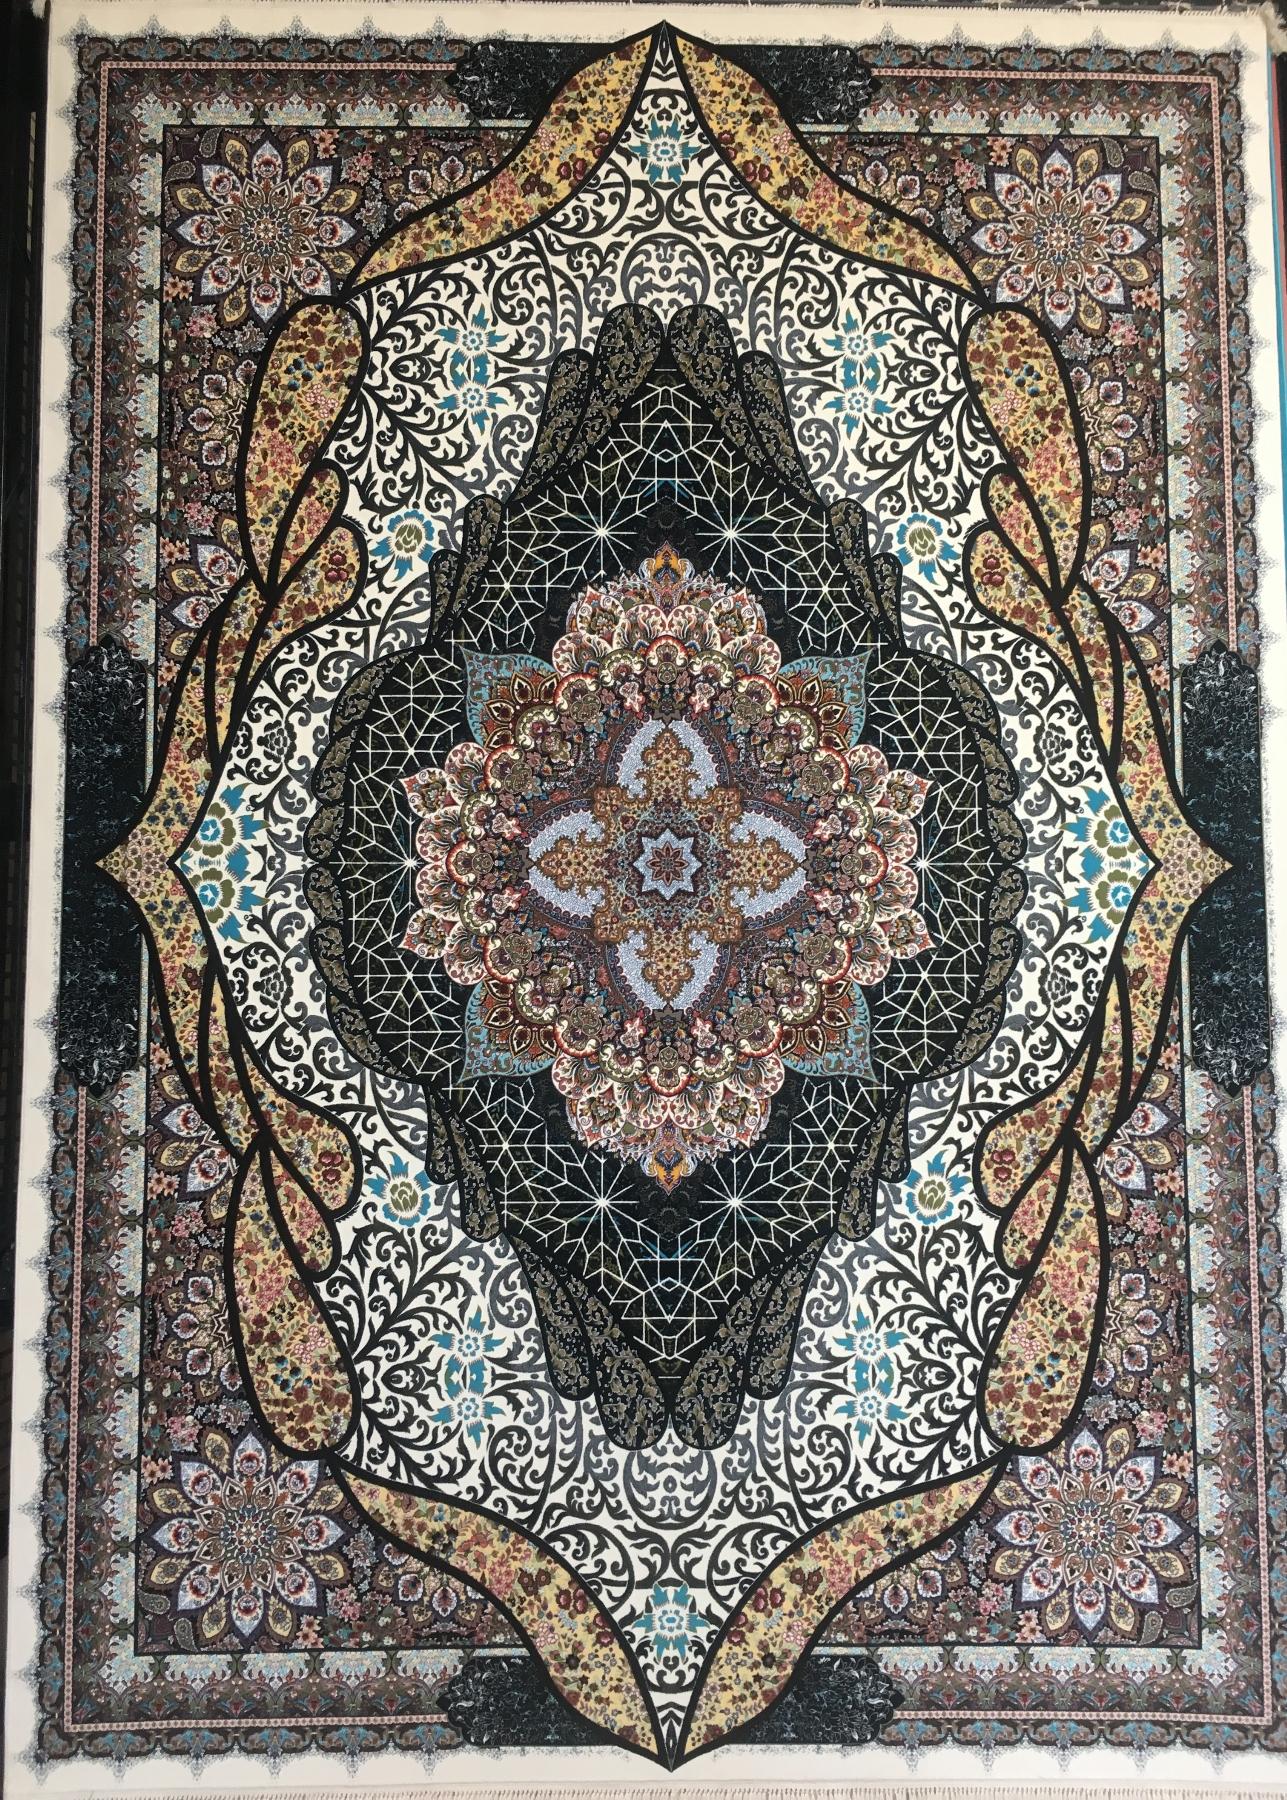 فرش ۱۰۰۰ شانه تراکم ۳۰۰۰ طرح شه بانو رنگ کرم